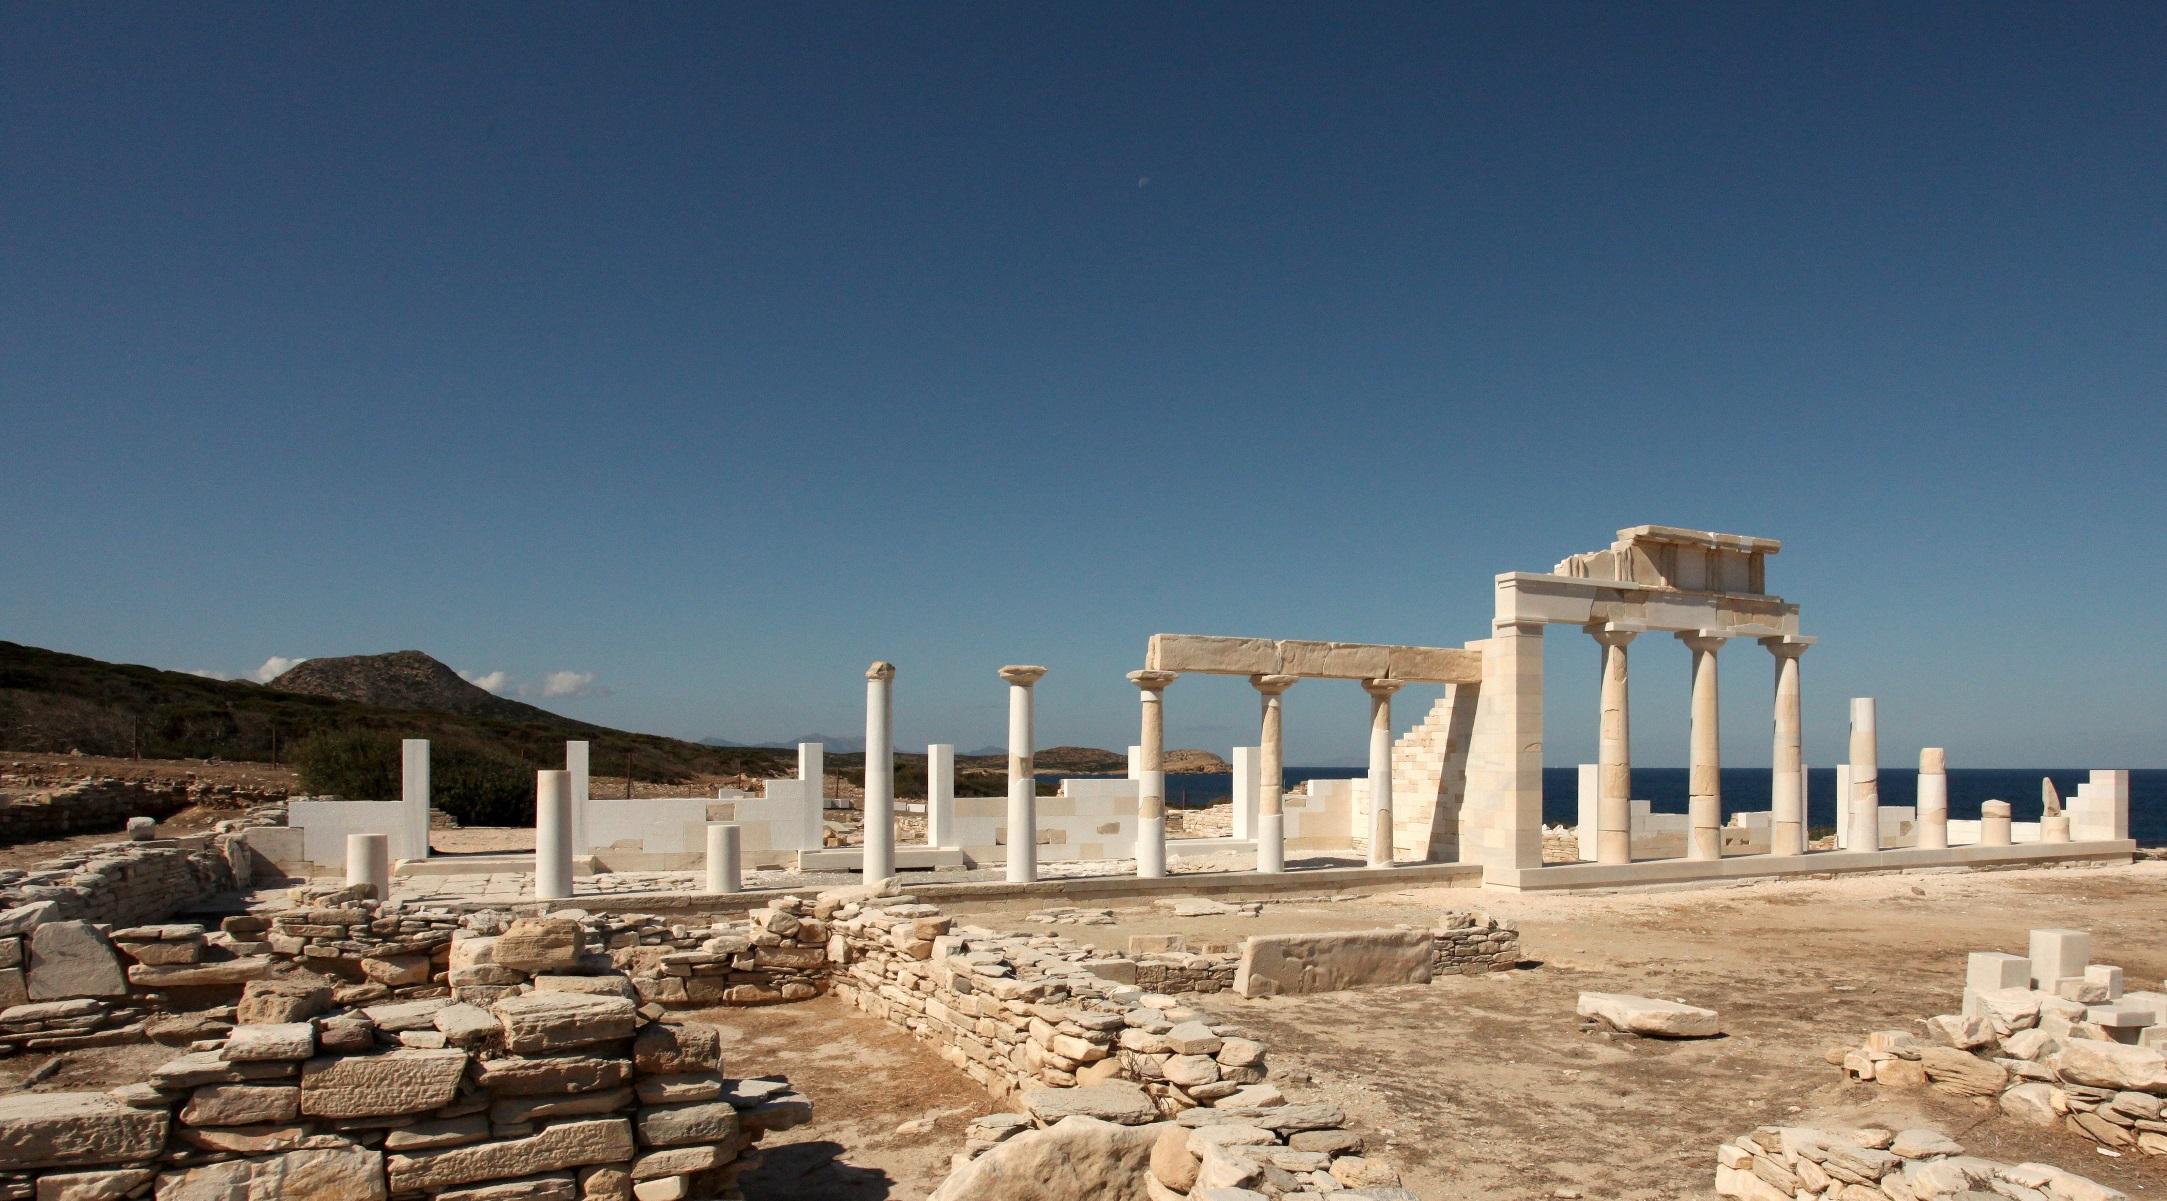 Δεσποτικό Κυκλάδων: Οι ανασκαφές «ζωντανεύουν» τον επιβλητικό ναό του Απόλλωνα